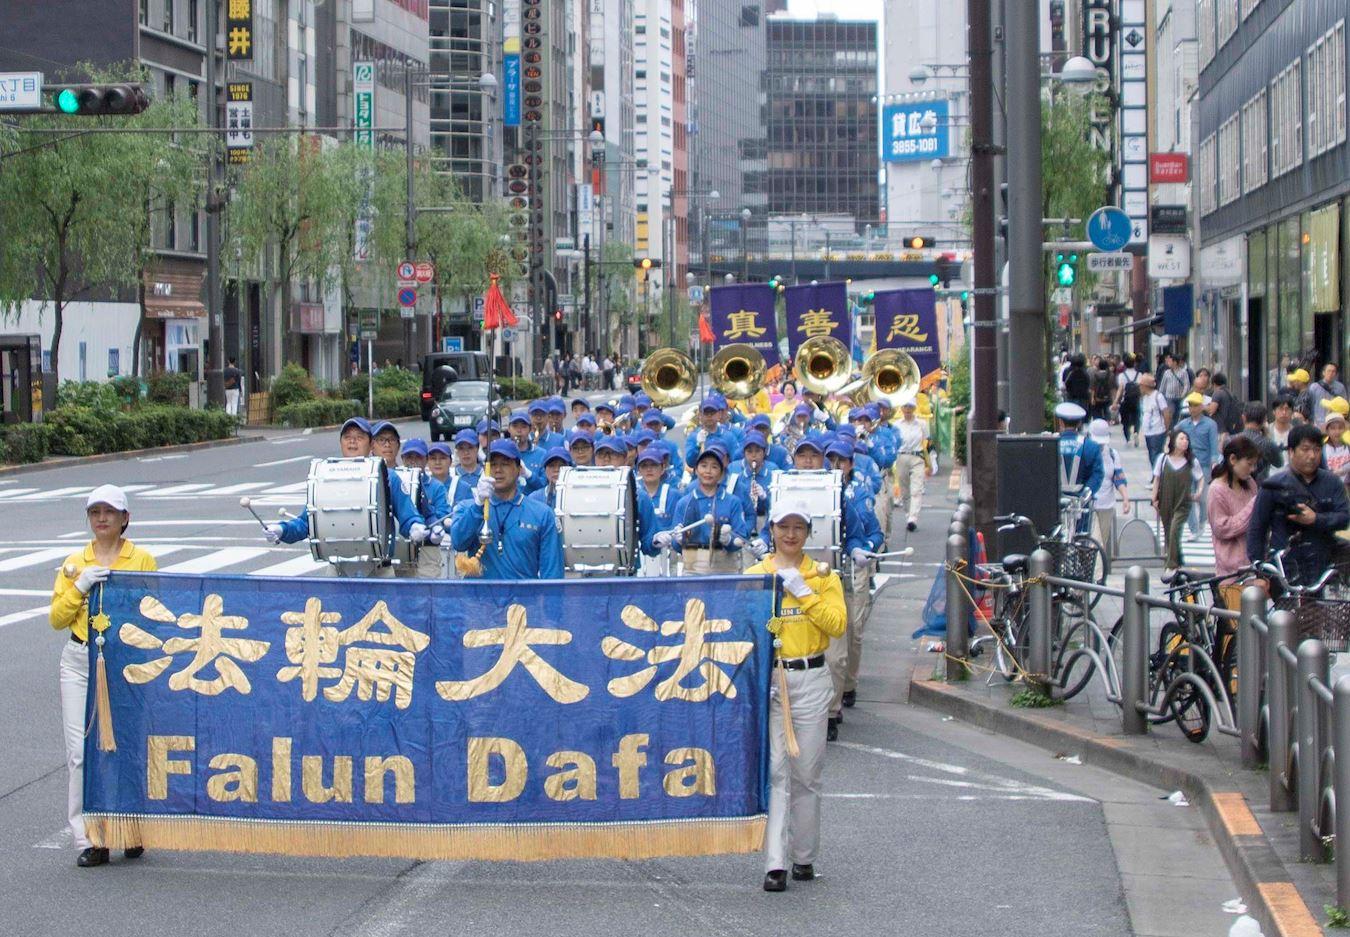 法輪功學員在東京舉行遊行慶祝活動。(明慧網)